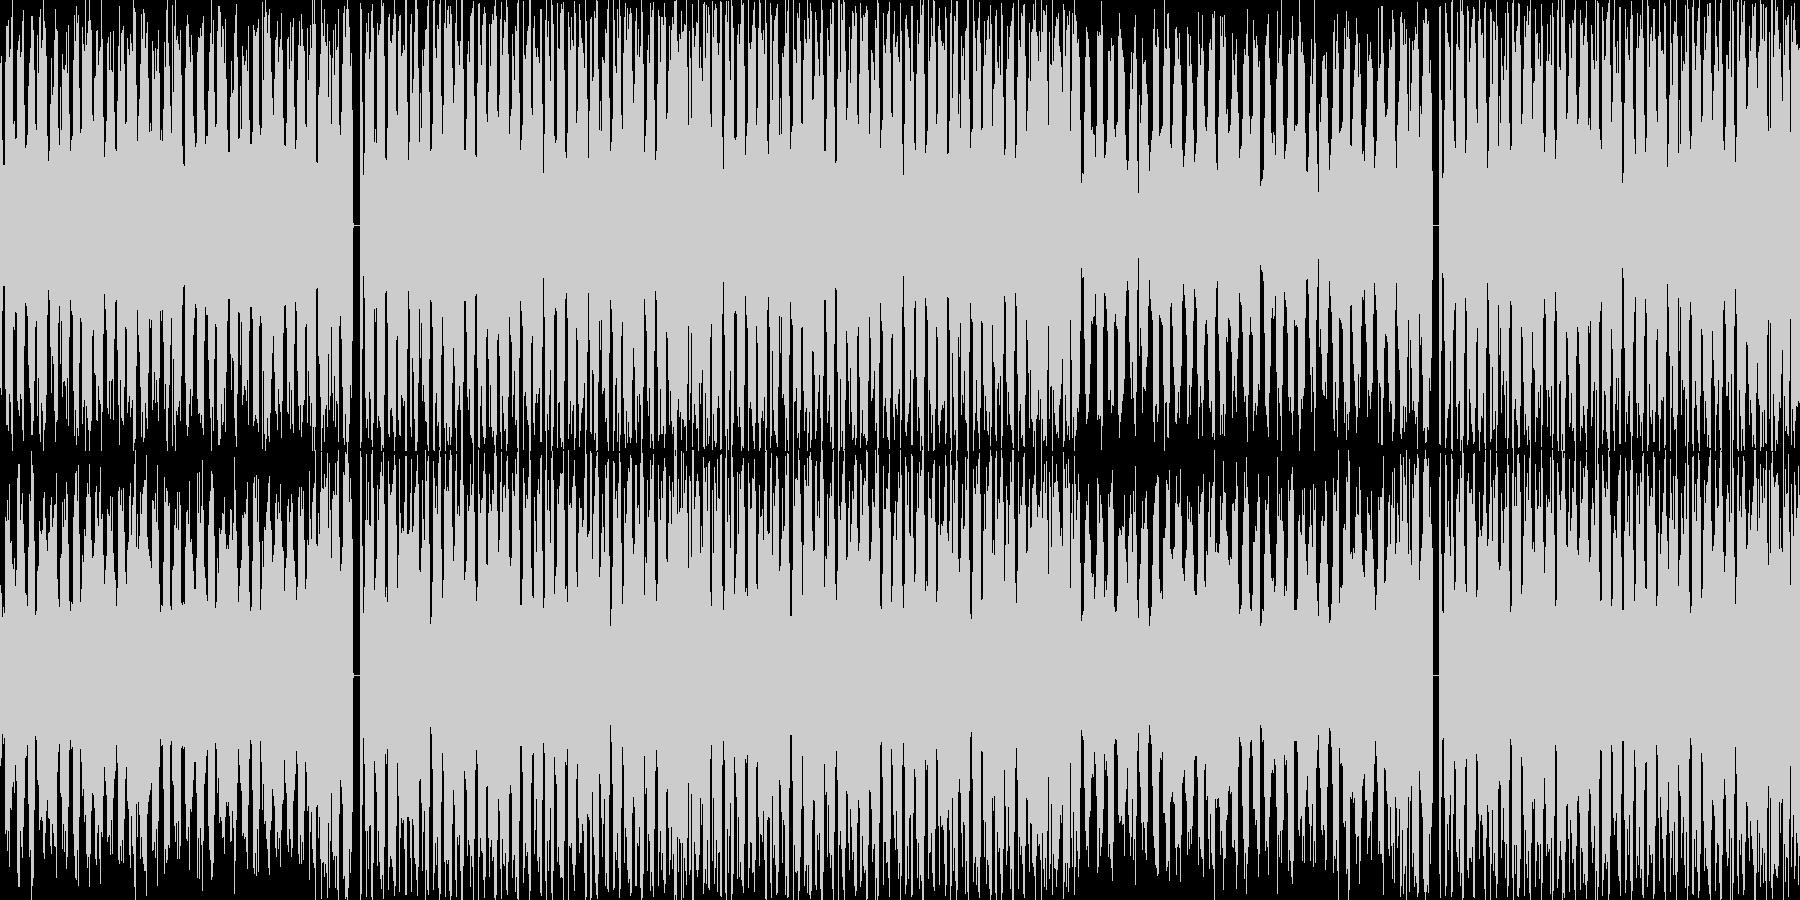 【おしゃれなラウンジハウス】の未再生の波形